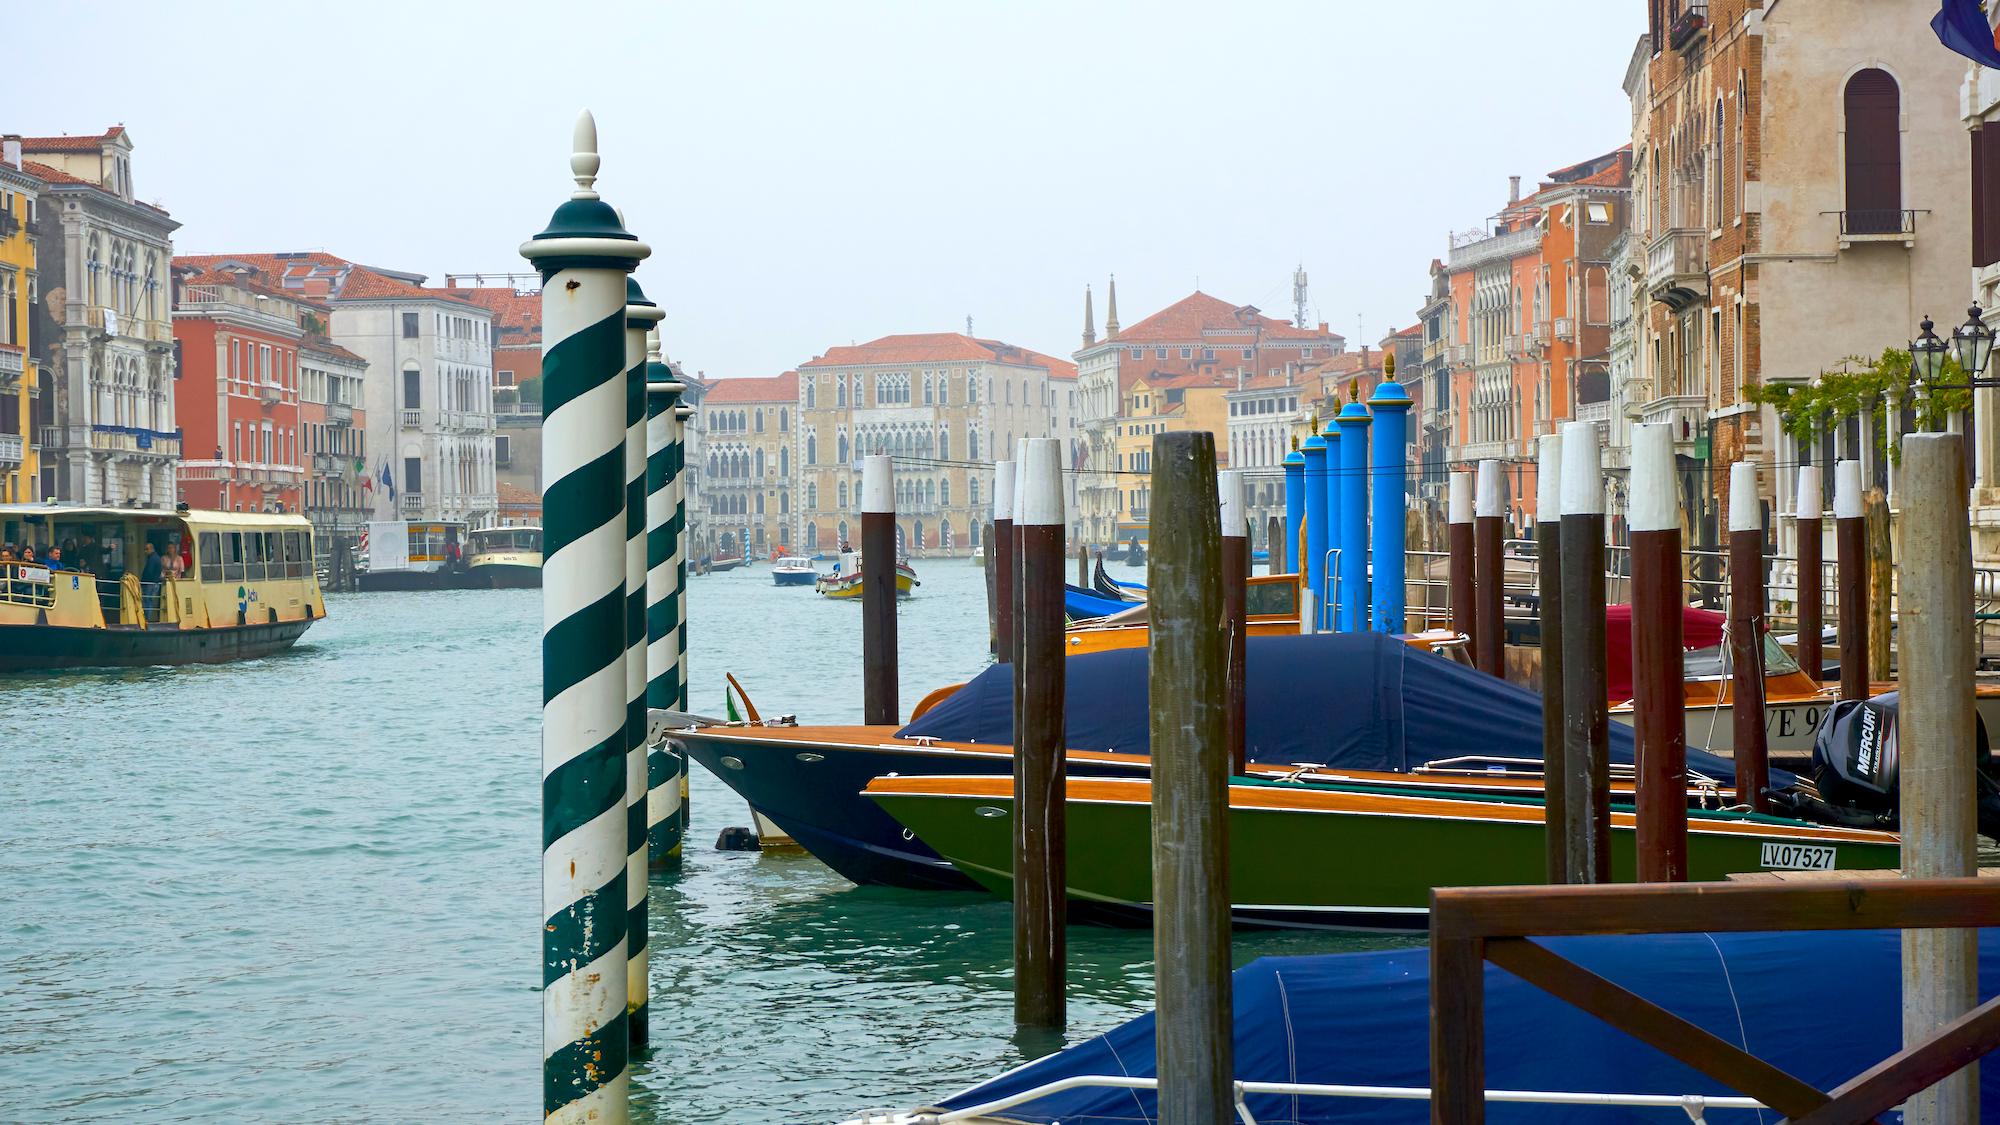 Adria Venedig